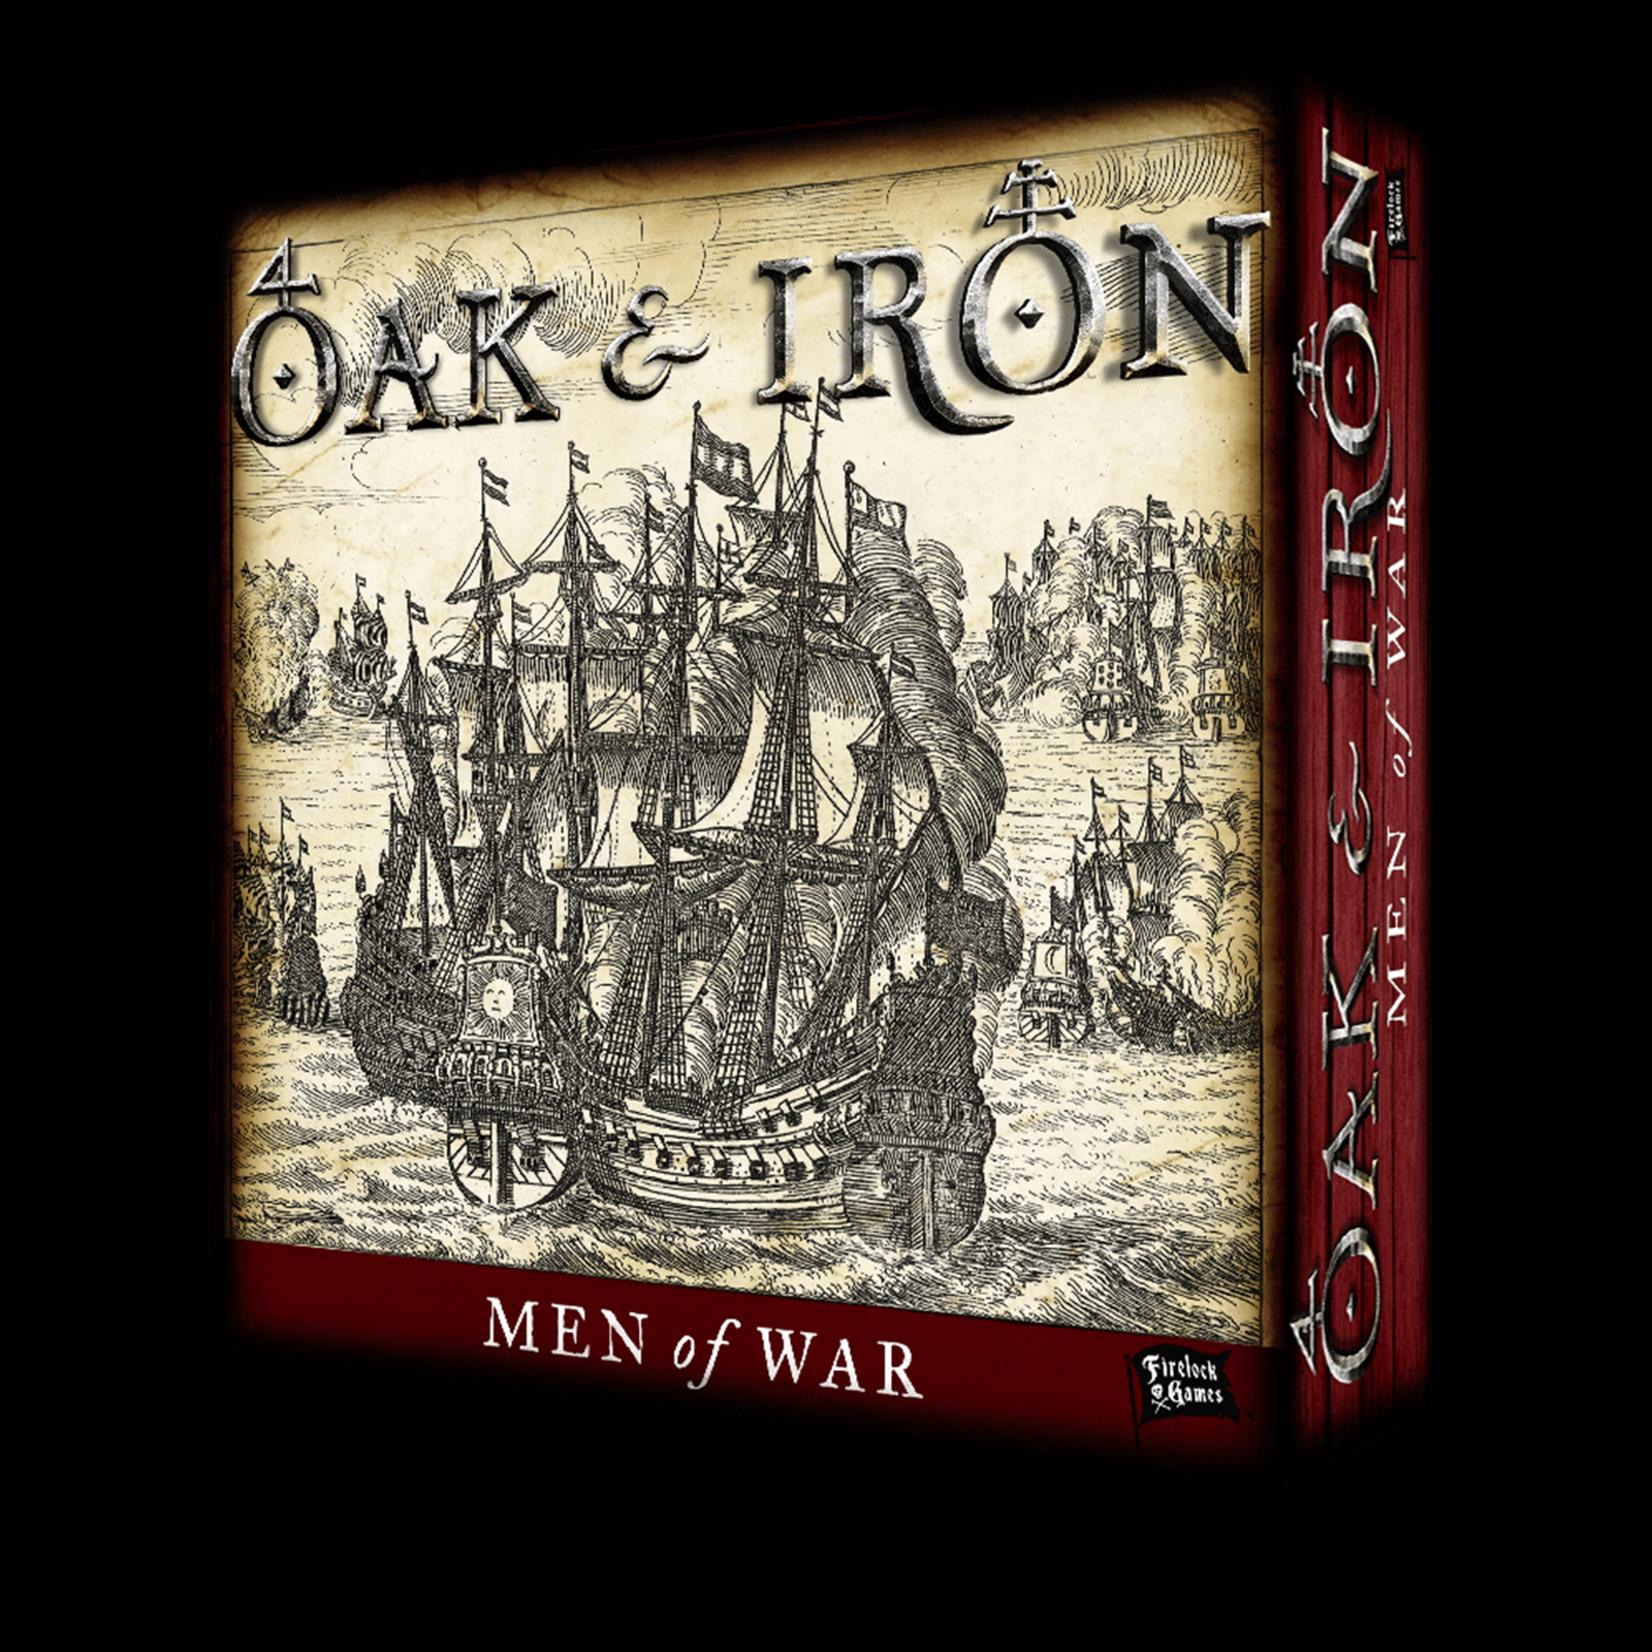 OAK & IRON MEN OF WAR